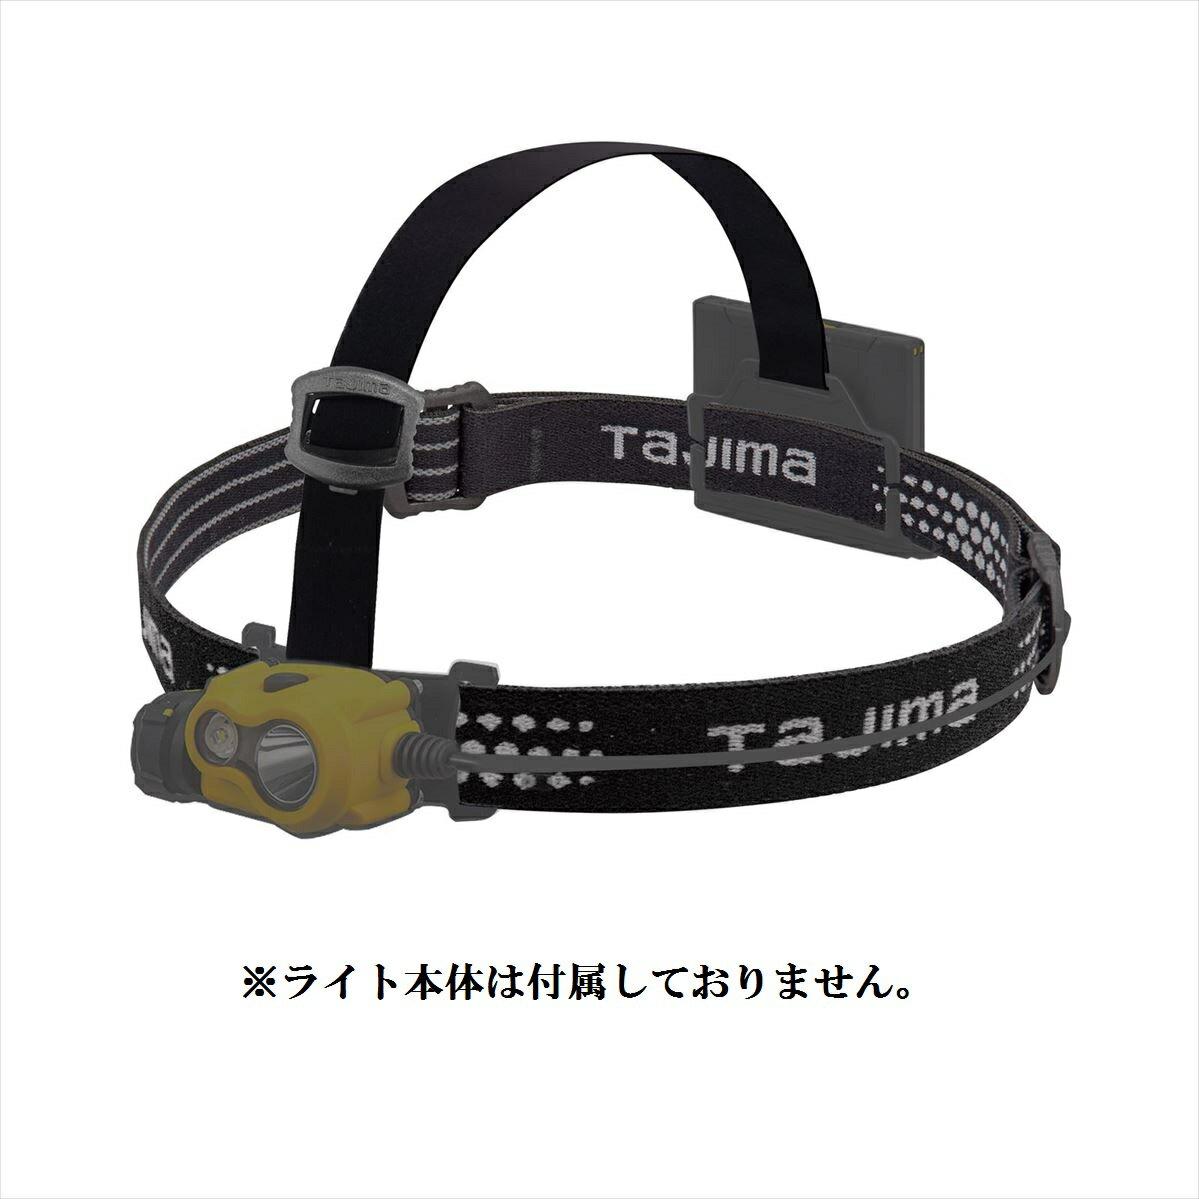 タジマ TAJIMA LE-ZB4 ヘッドバンドのみ B4